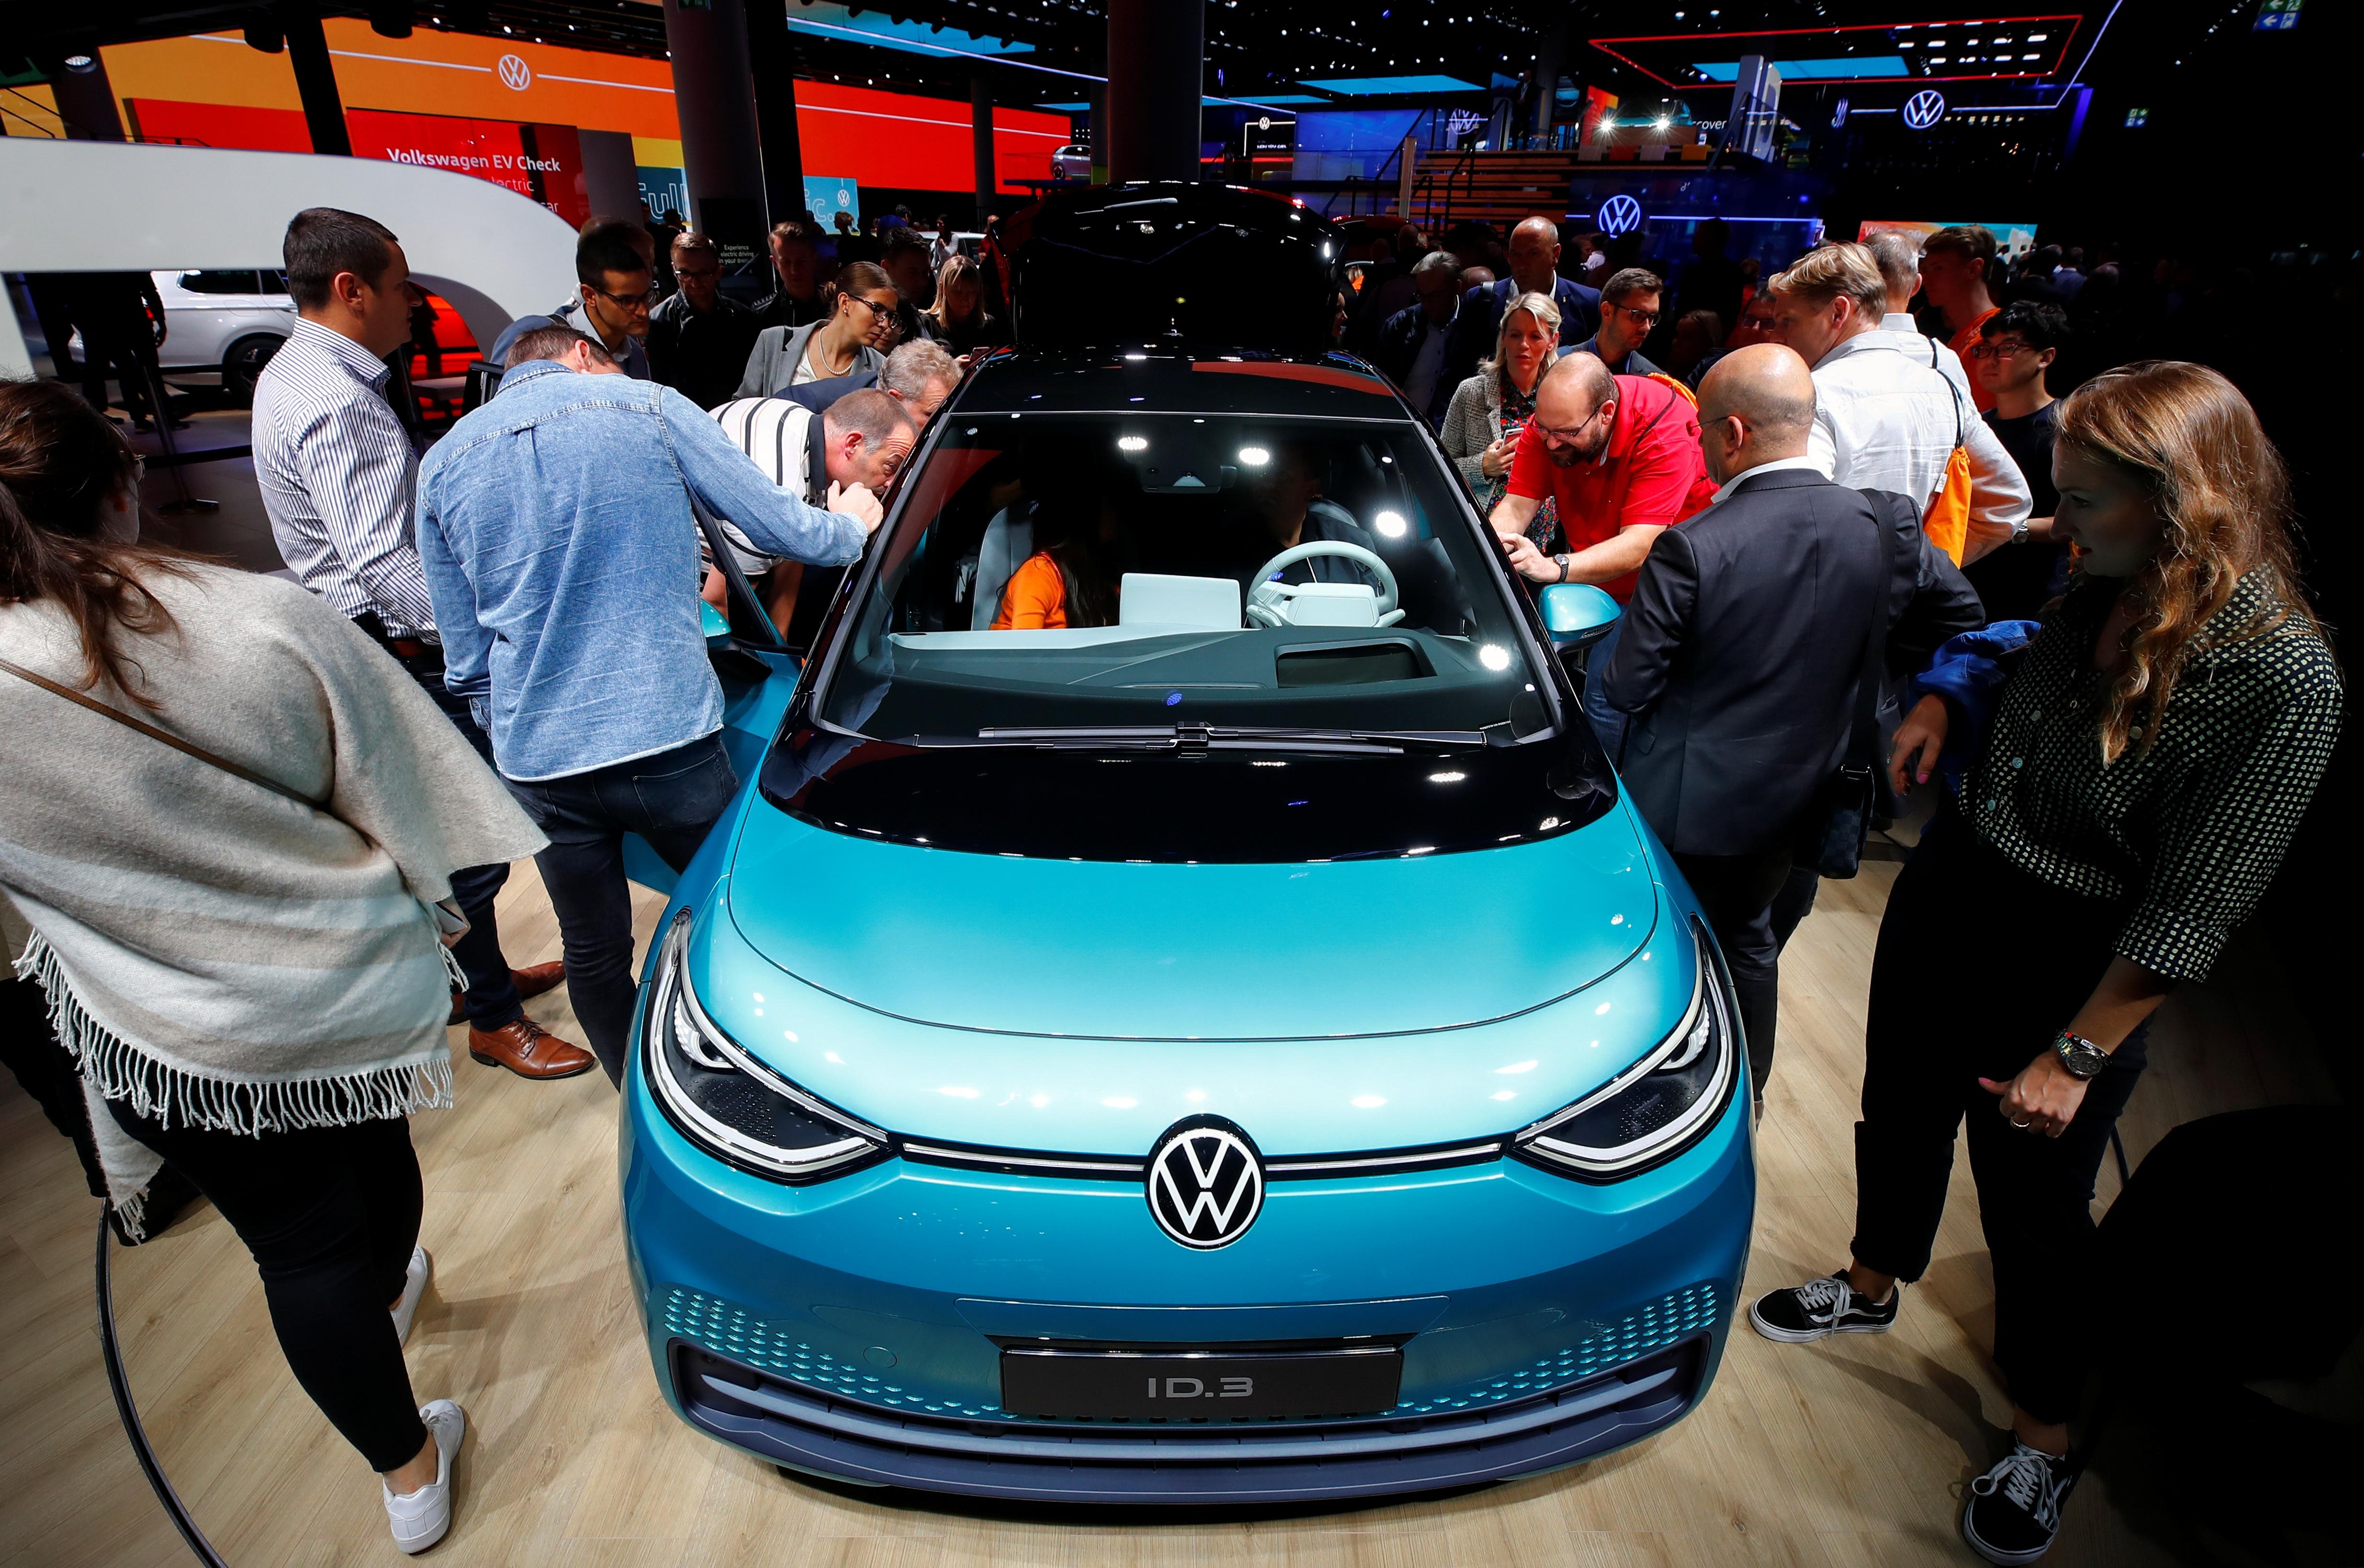 Sa sajma automobila u Frankfurtu (foto: Reuters)